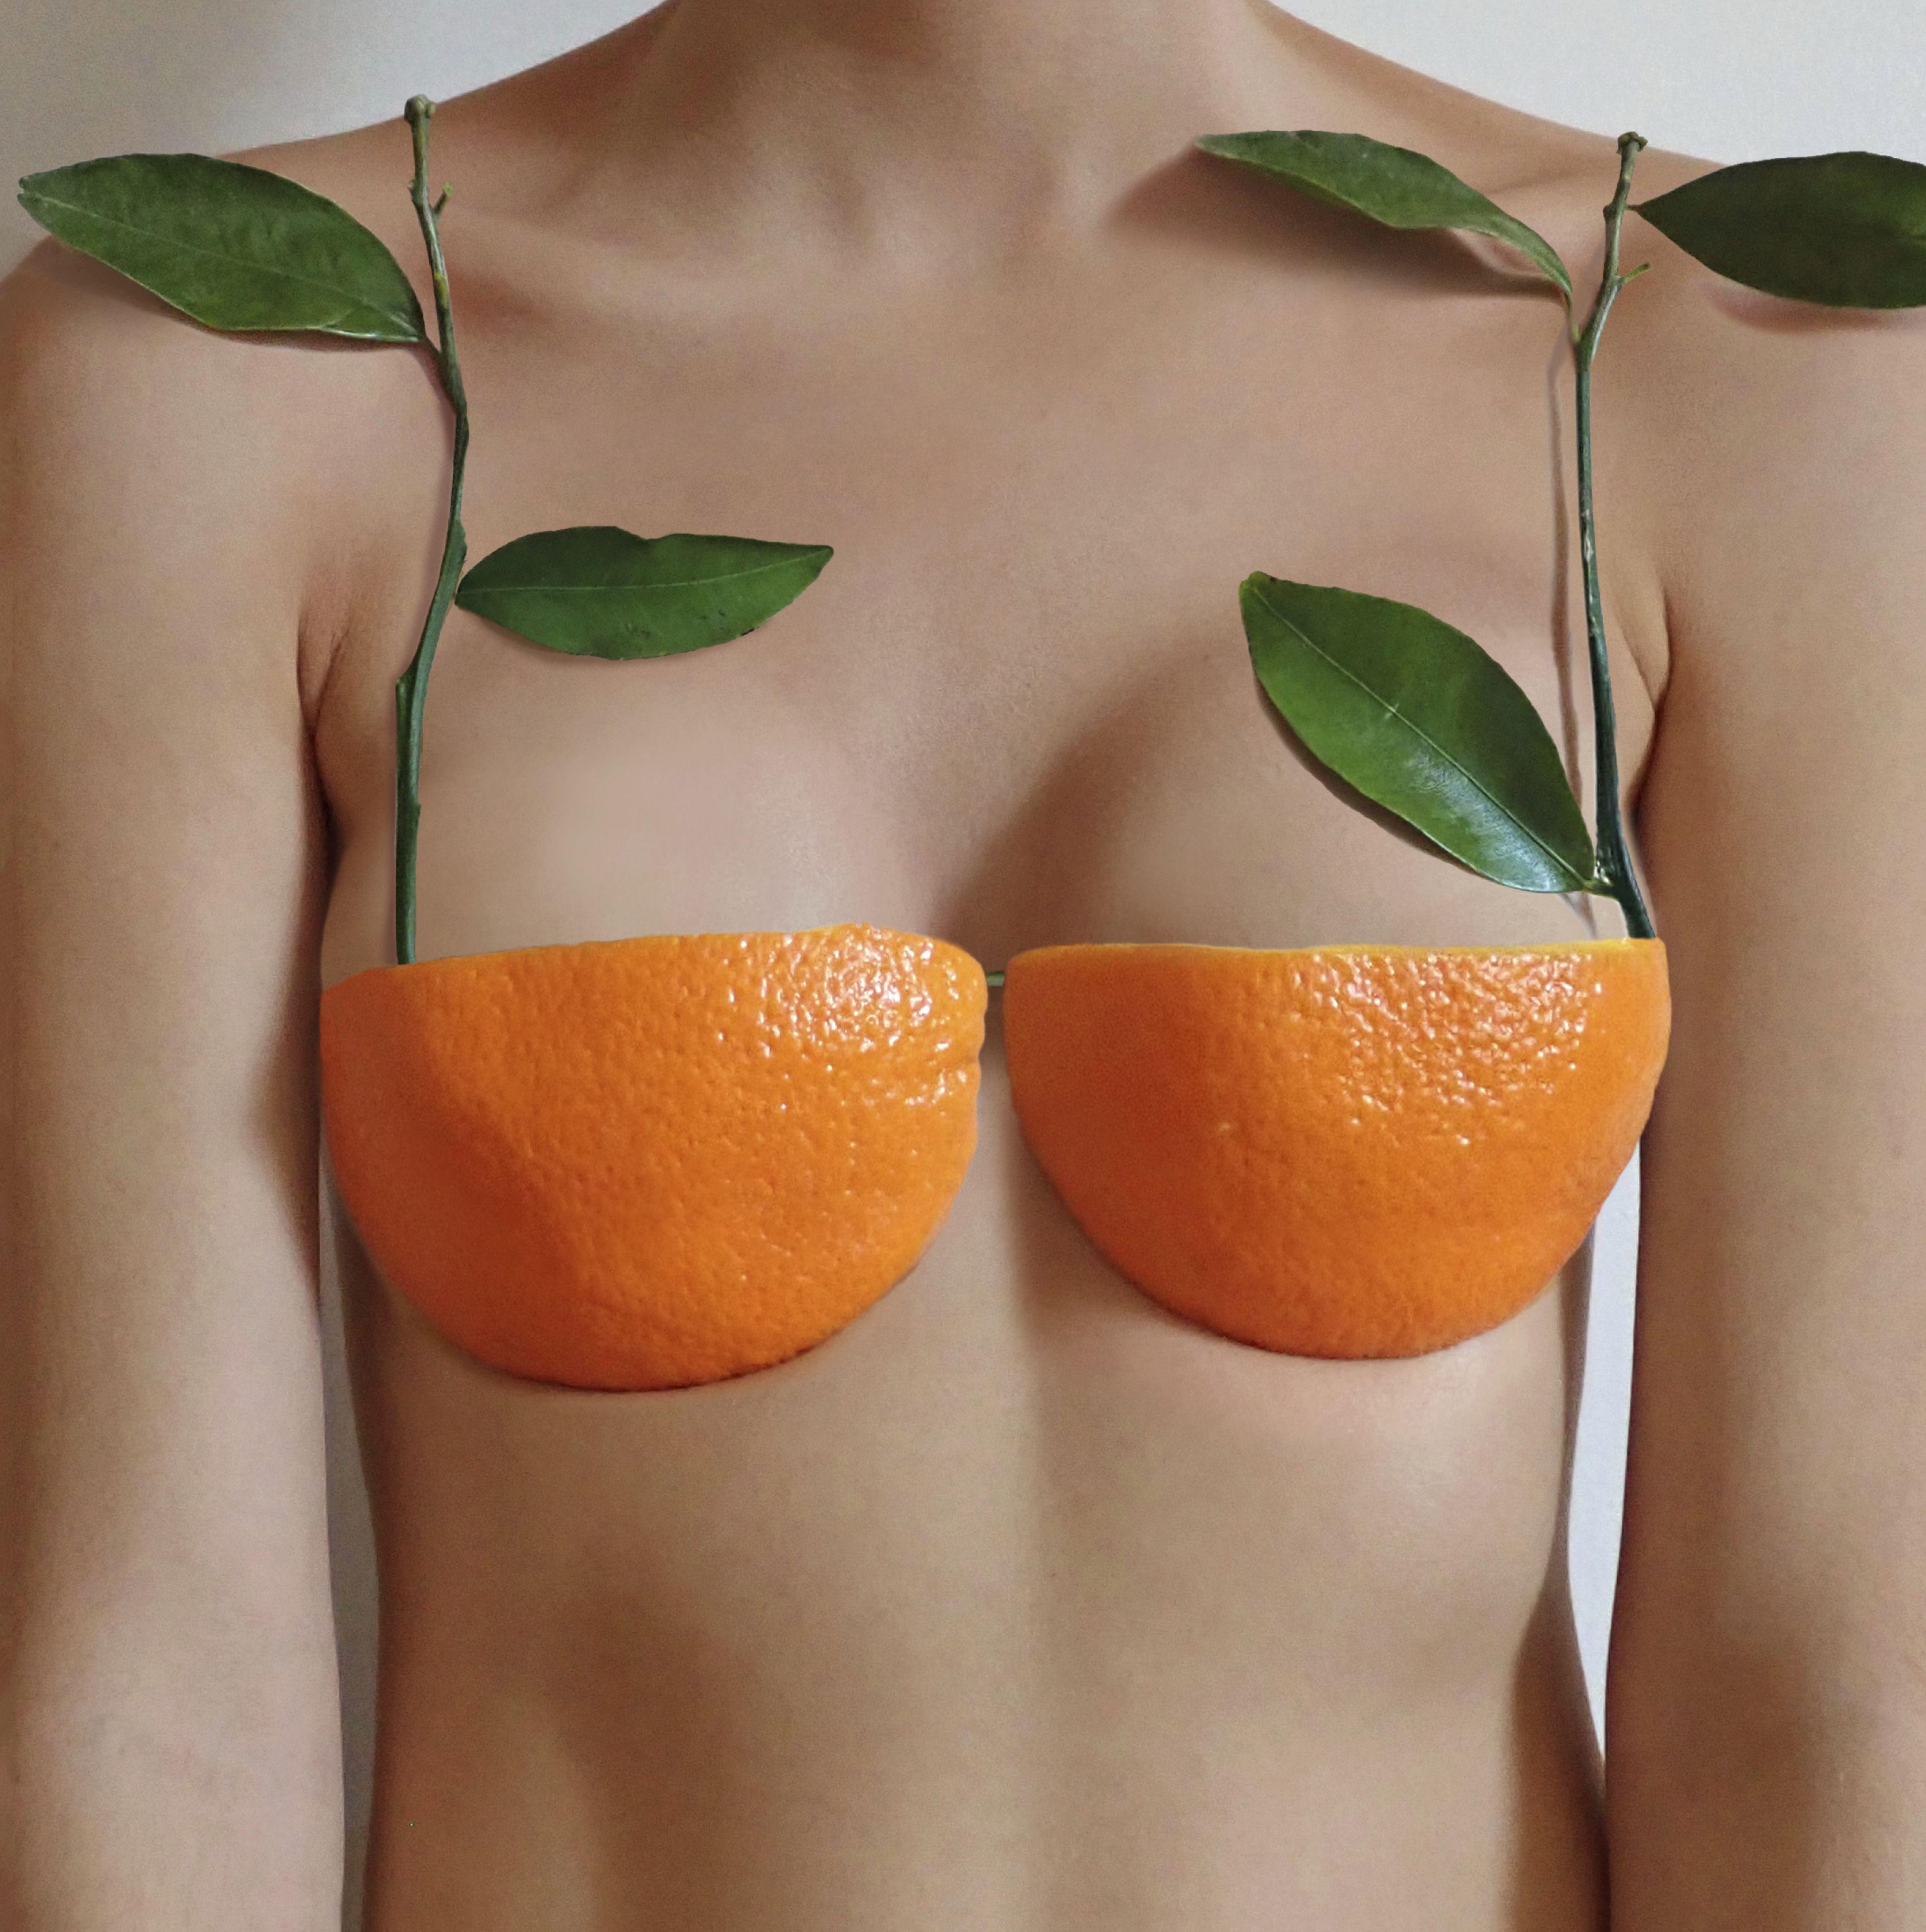 Beautiful chubby women nude